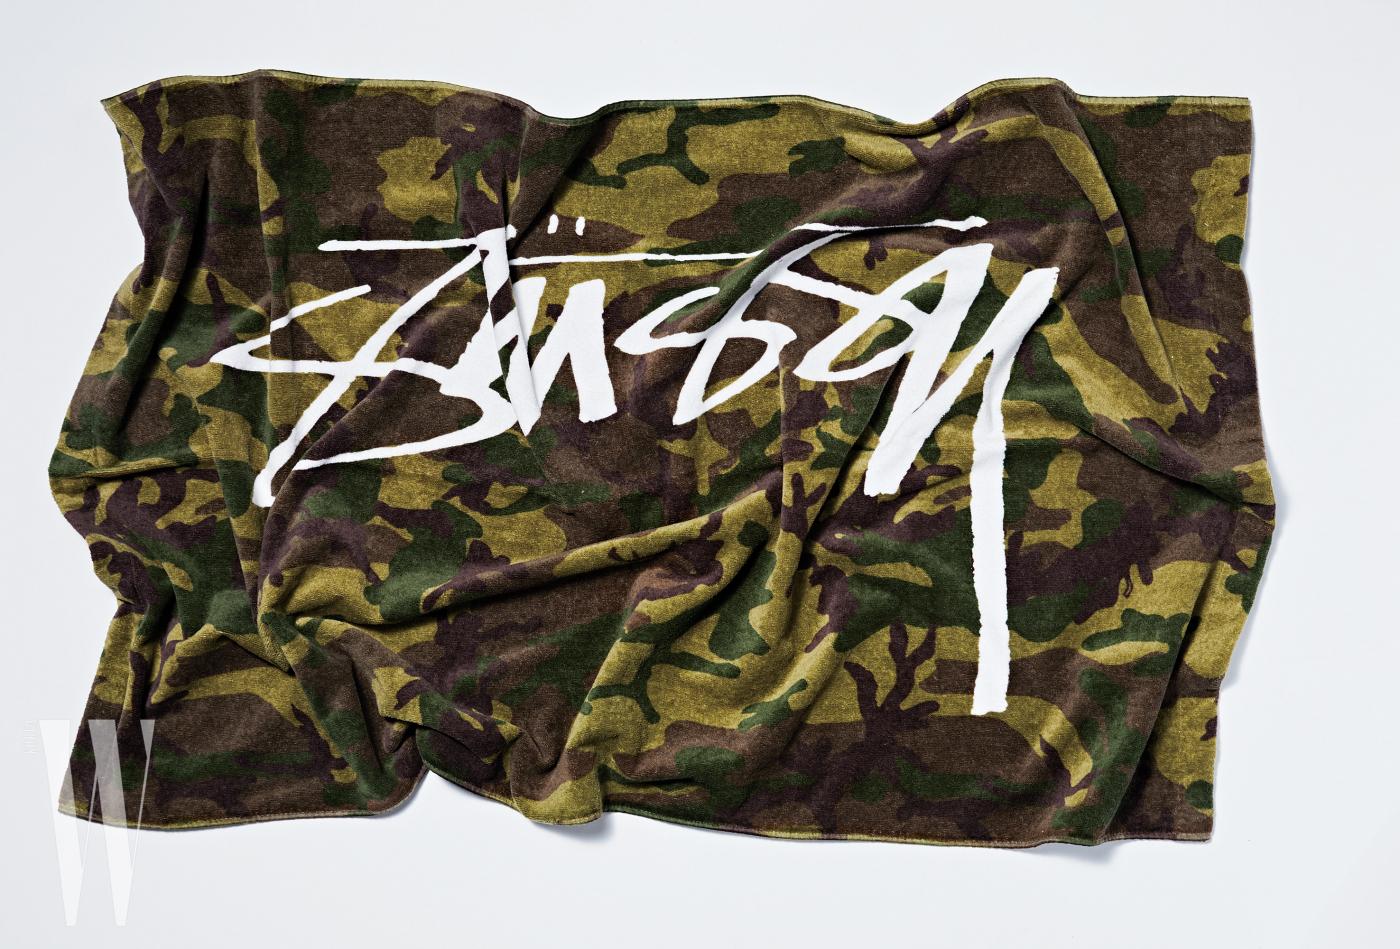 카무플라주 무늬의 비치타월은 스투시 제품. 9만 9천원.